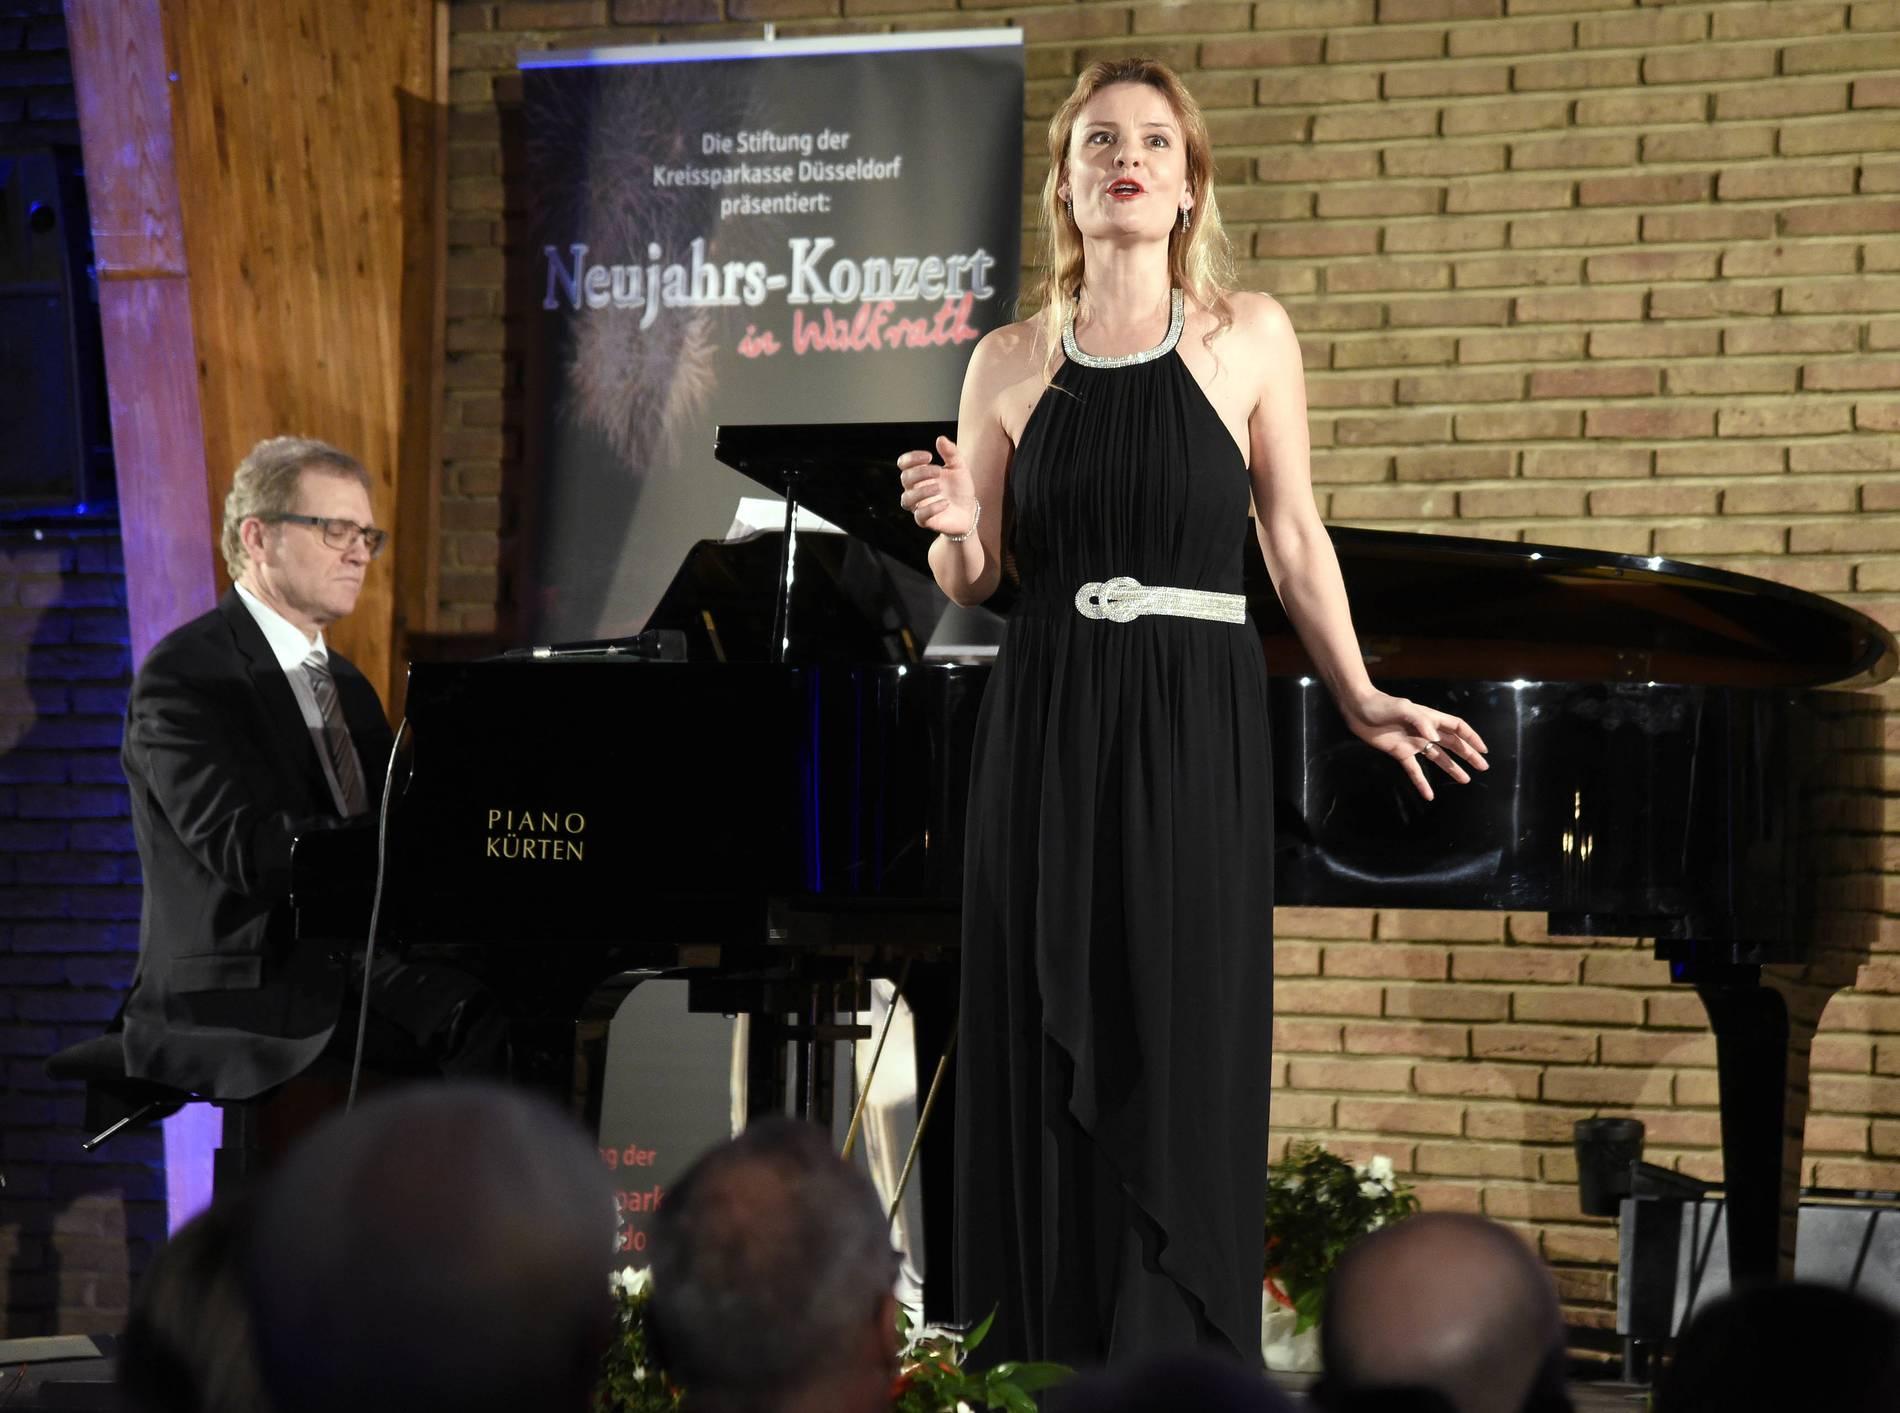 Opernstars wieder zu Gast im Wülfrather Stadtteil Düssel